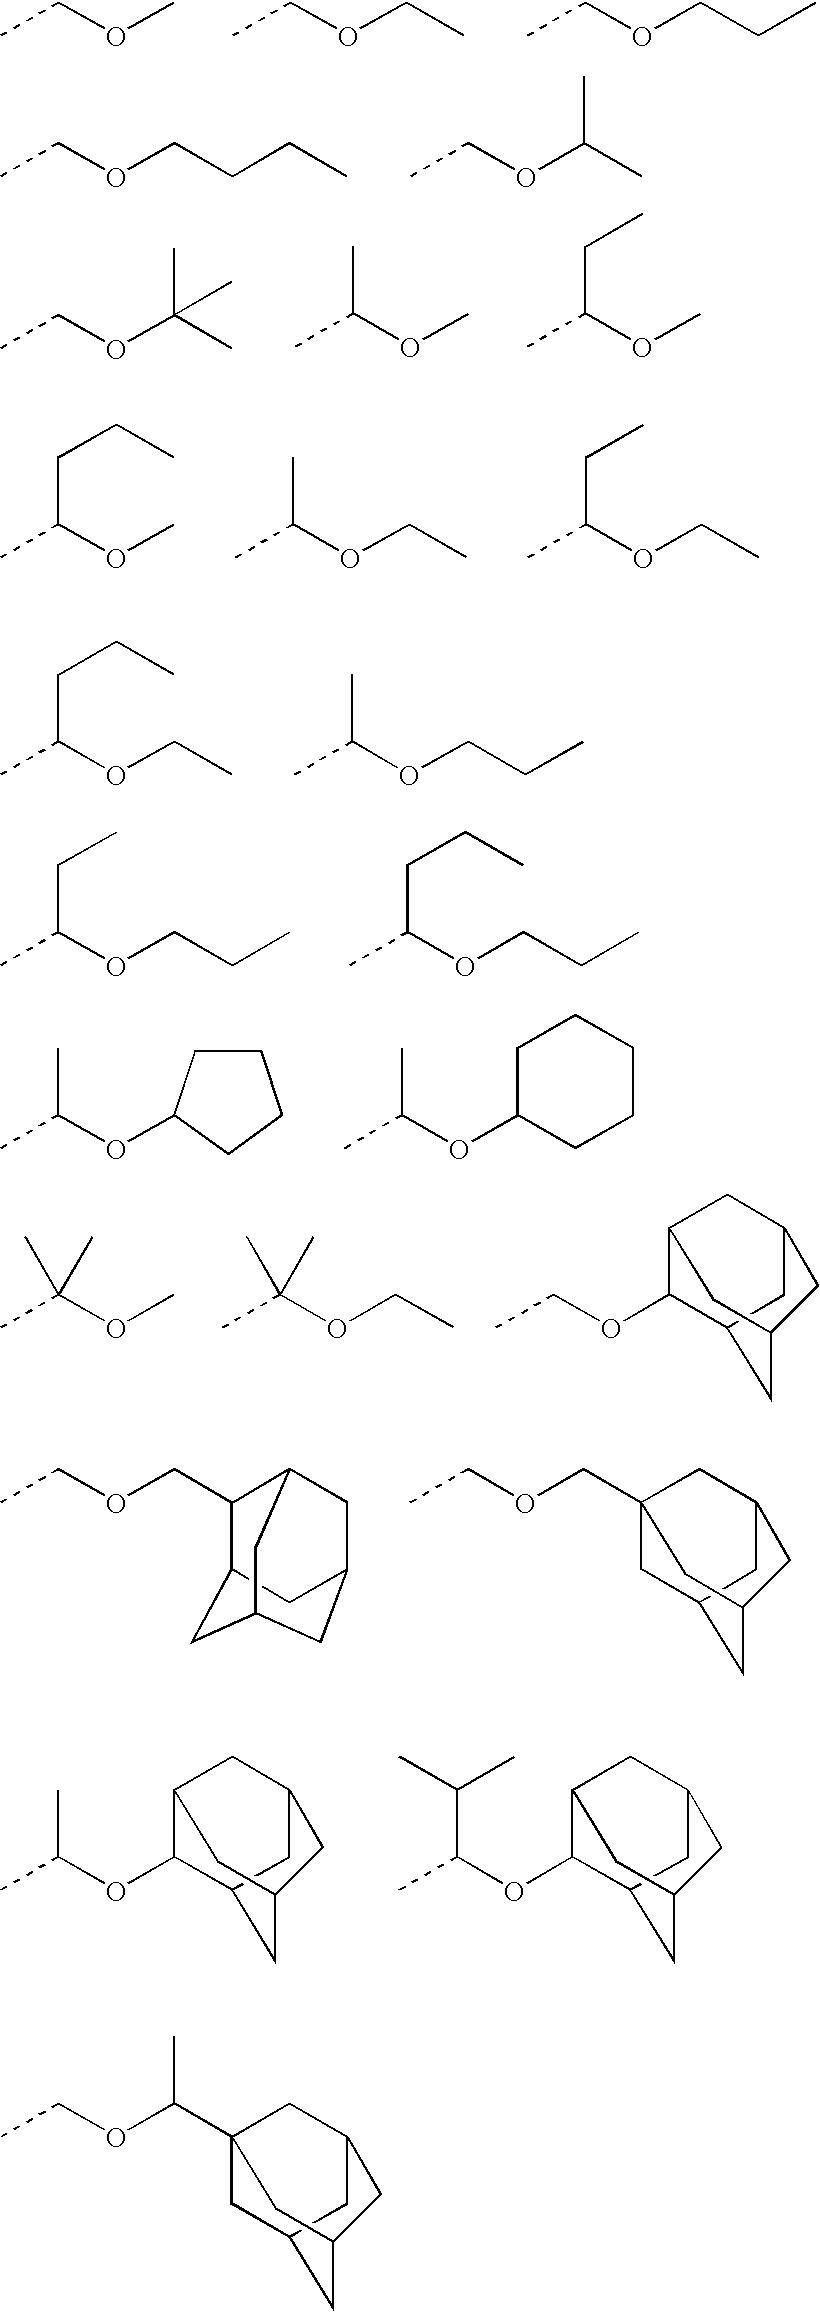 Figure US20090011365A1-20090108-C00044